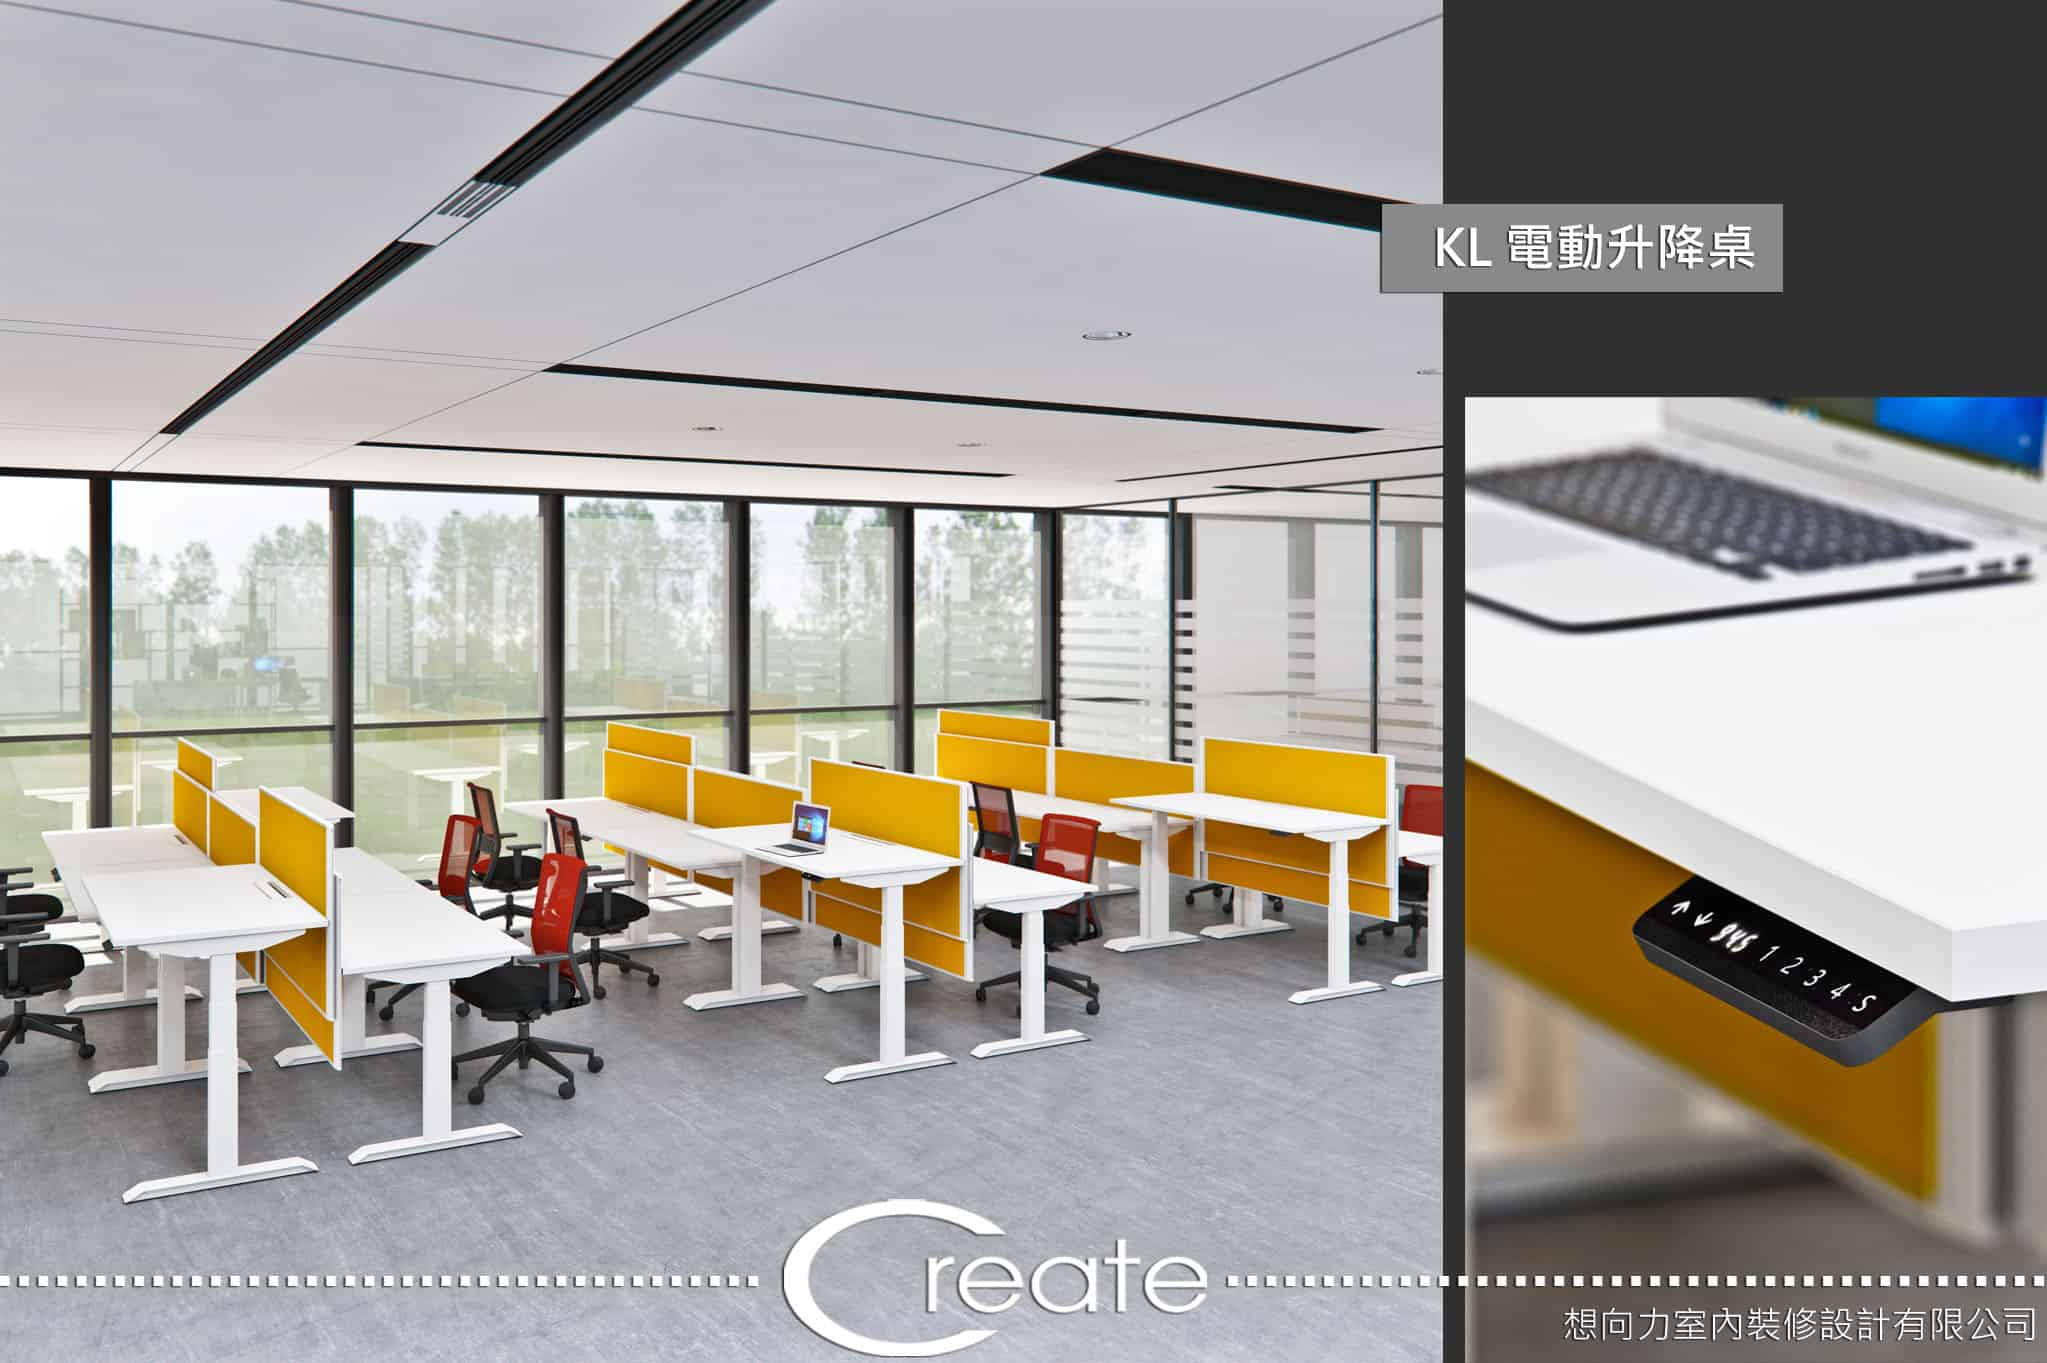 KL-電動升降桌-2